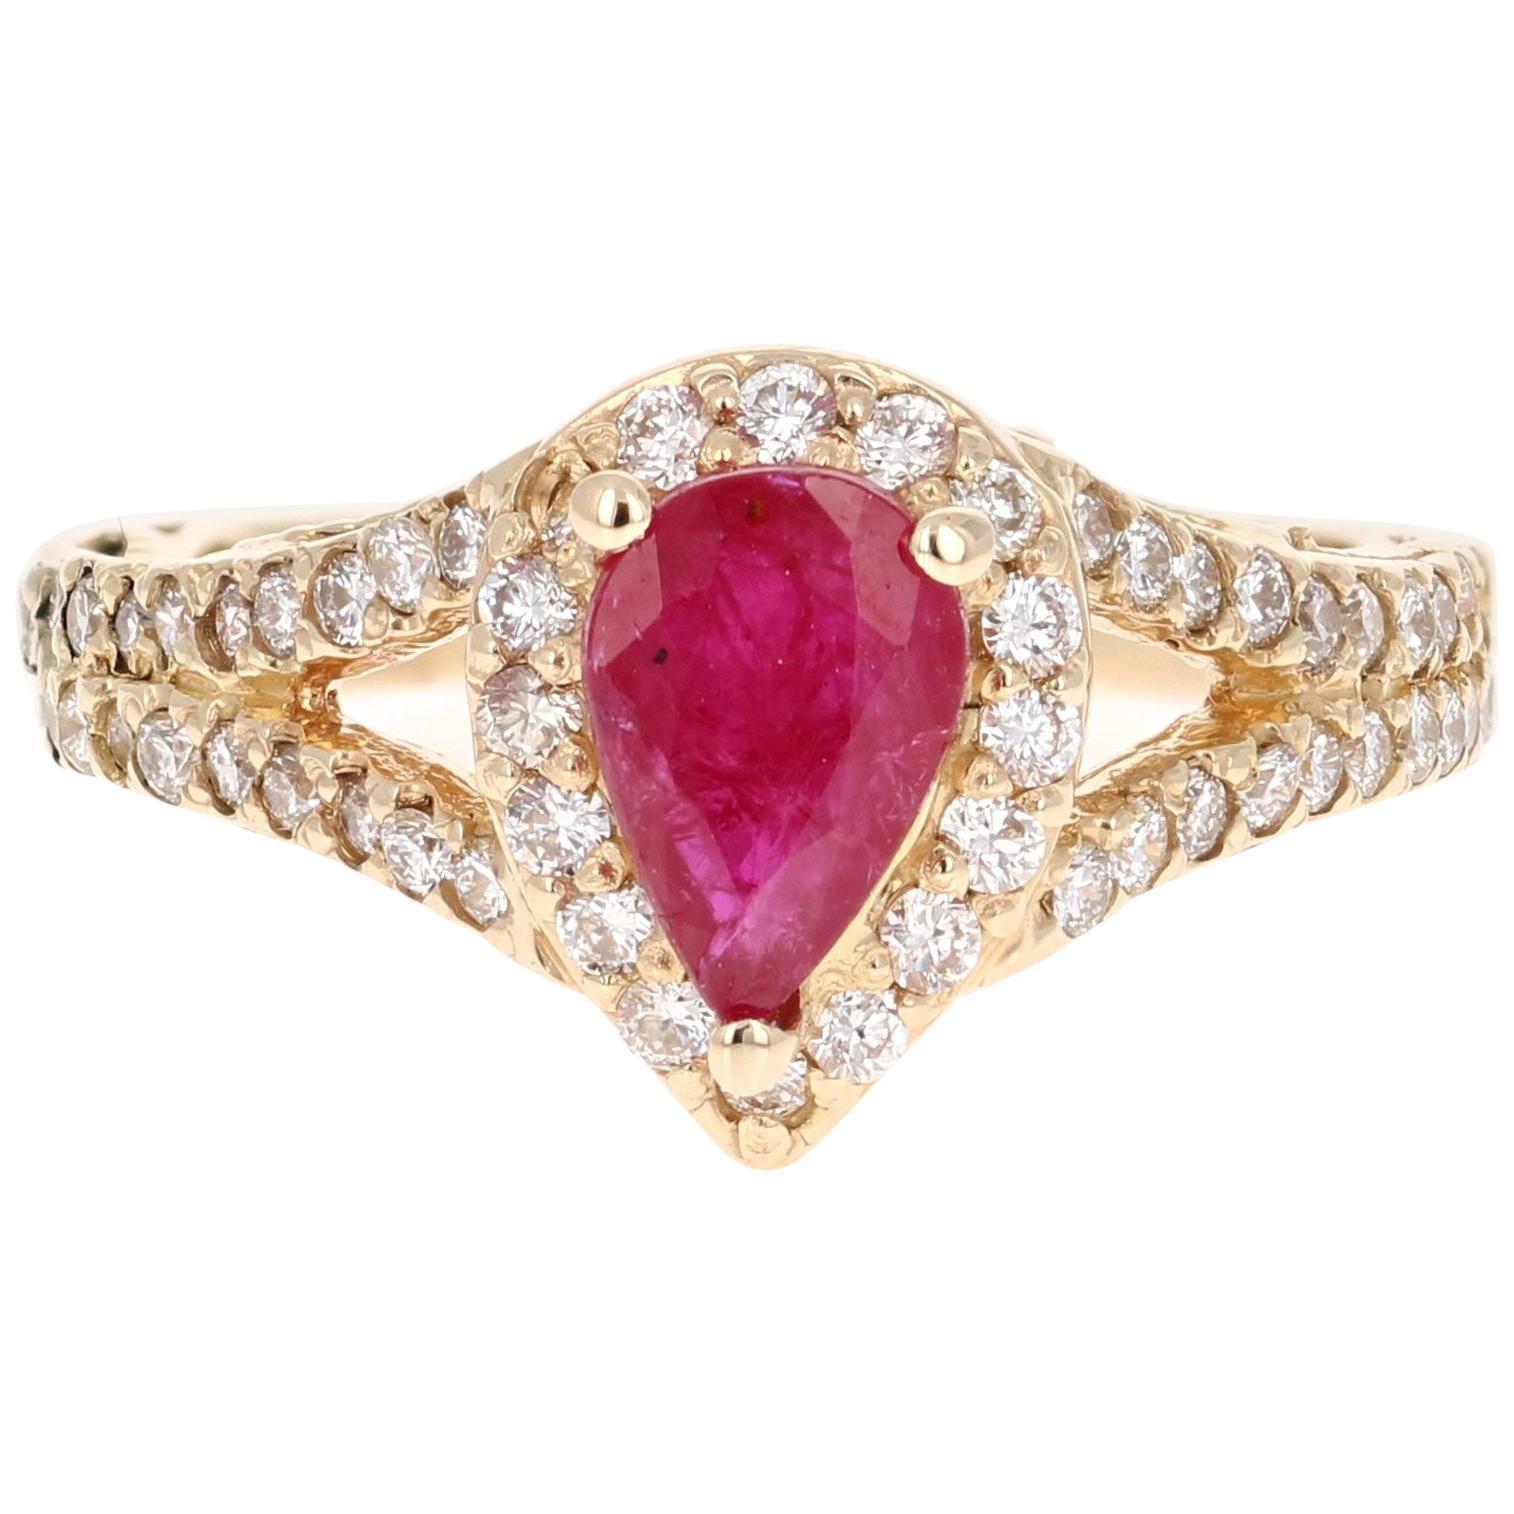 1.87 Carat Ruby Diamond 14 Karat Yellow Gold Ring